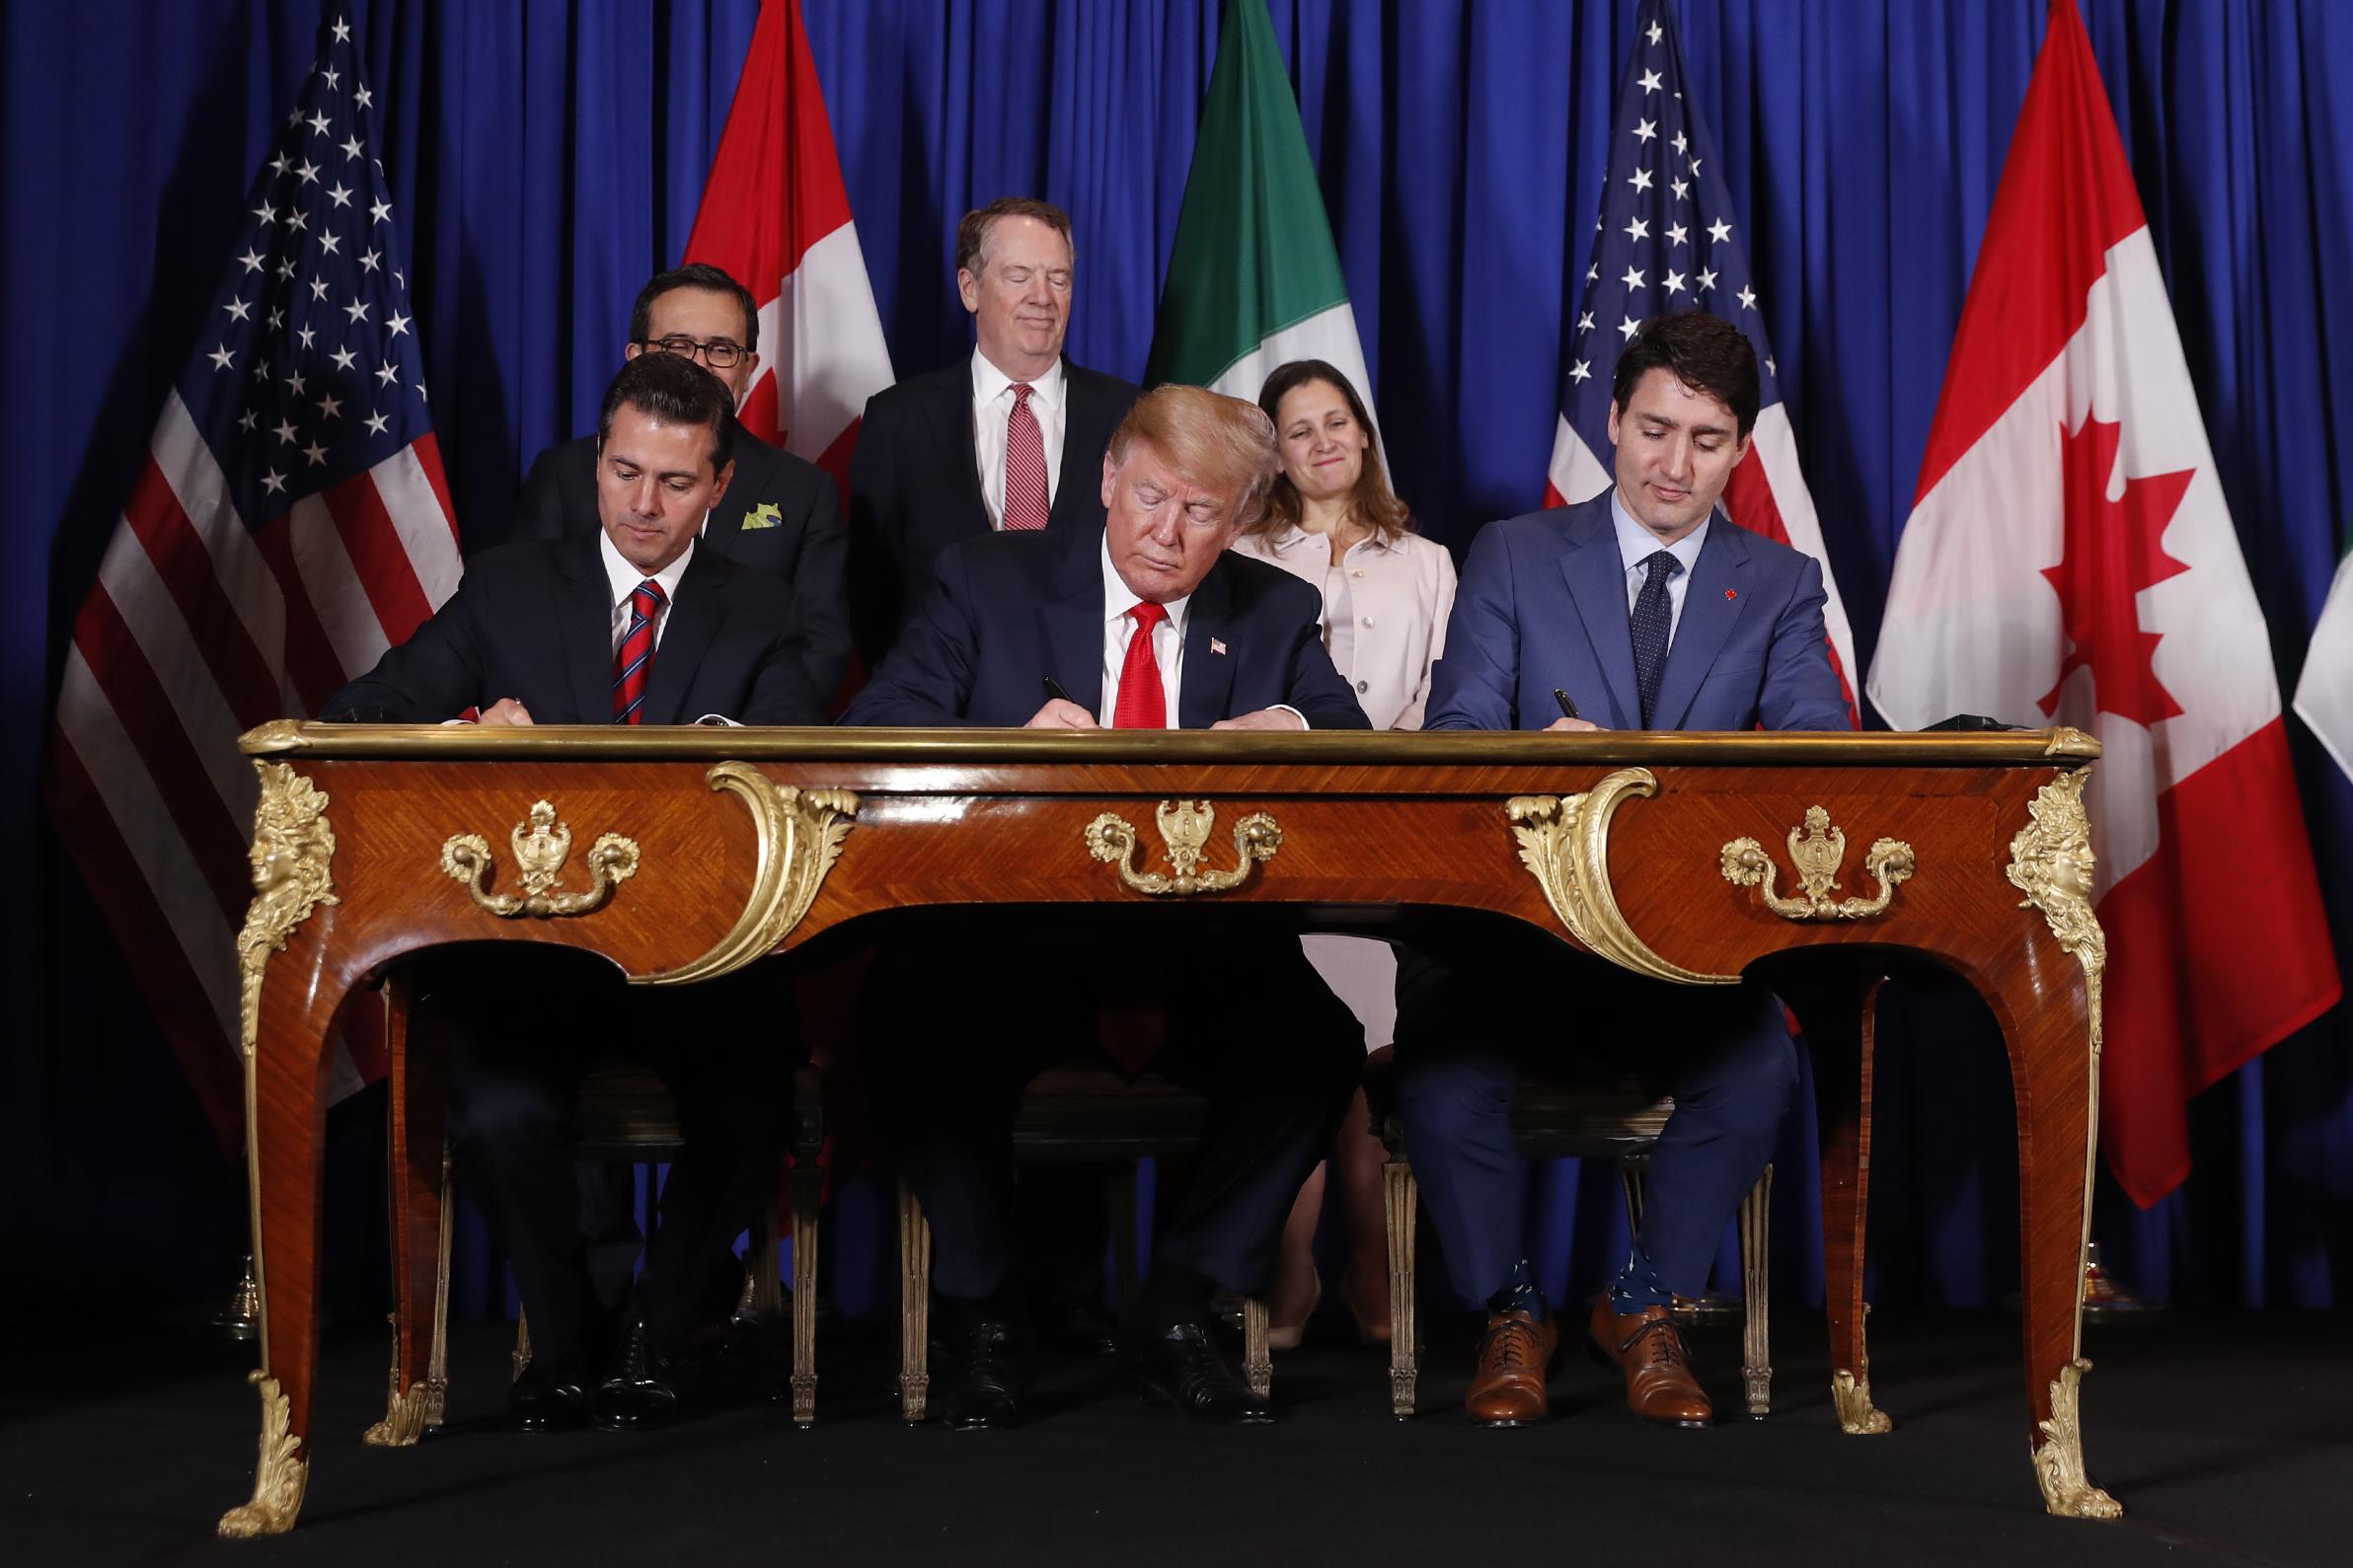 US, Mexico, Canada sign new USMCA trade deal